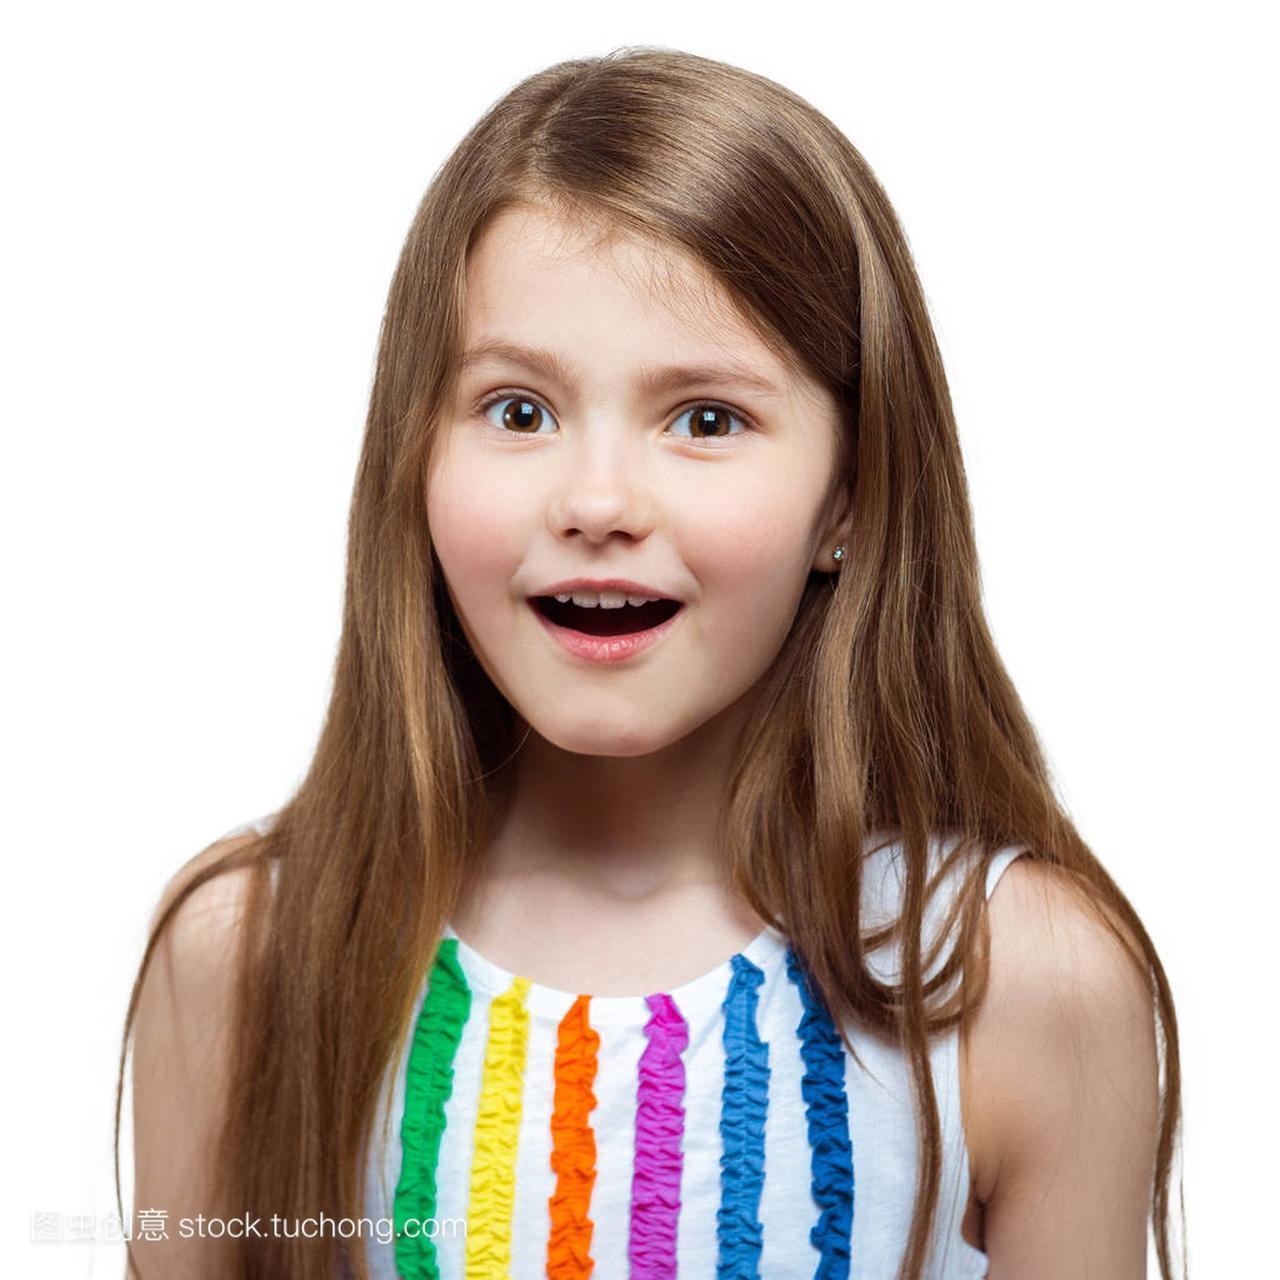 短发开朗的漂亮小女孩的性格。a短发的画像,在今年最的孩子流行女生图片